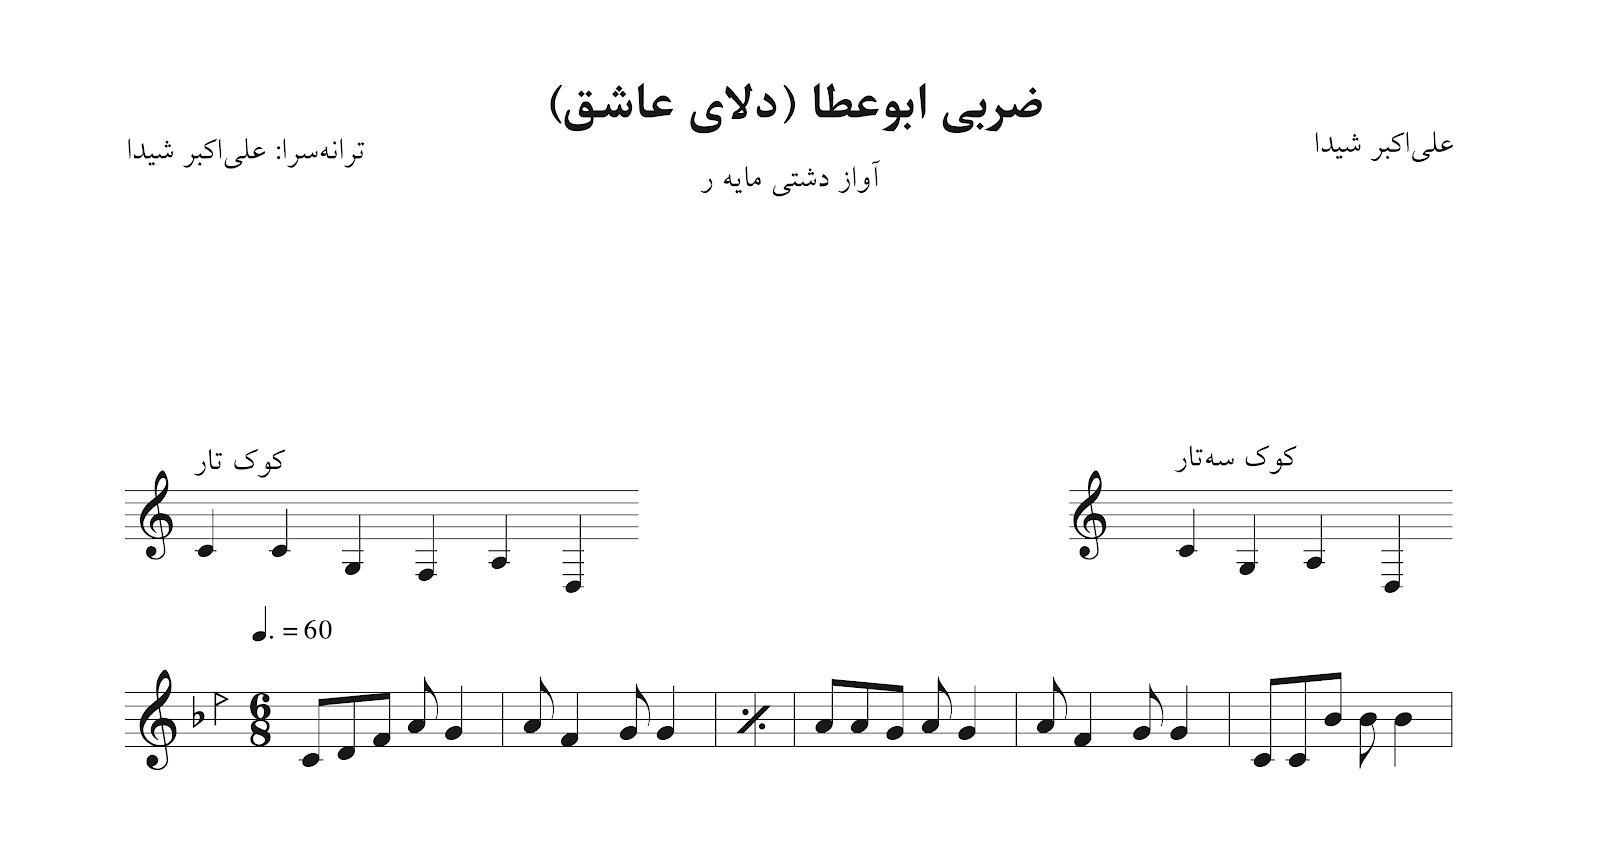 نت و آهنگ ضربی دشتی لا (ضربی ابوعطا درستتر است.) فرهنگ شریف تار